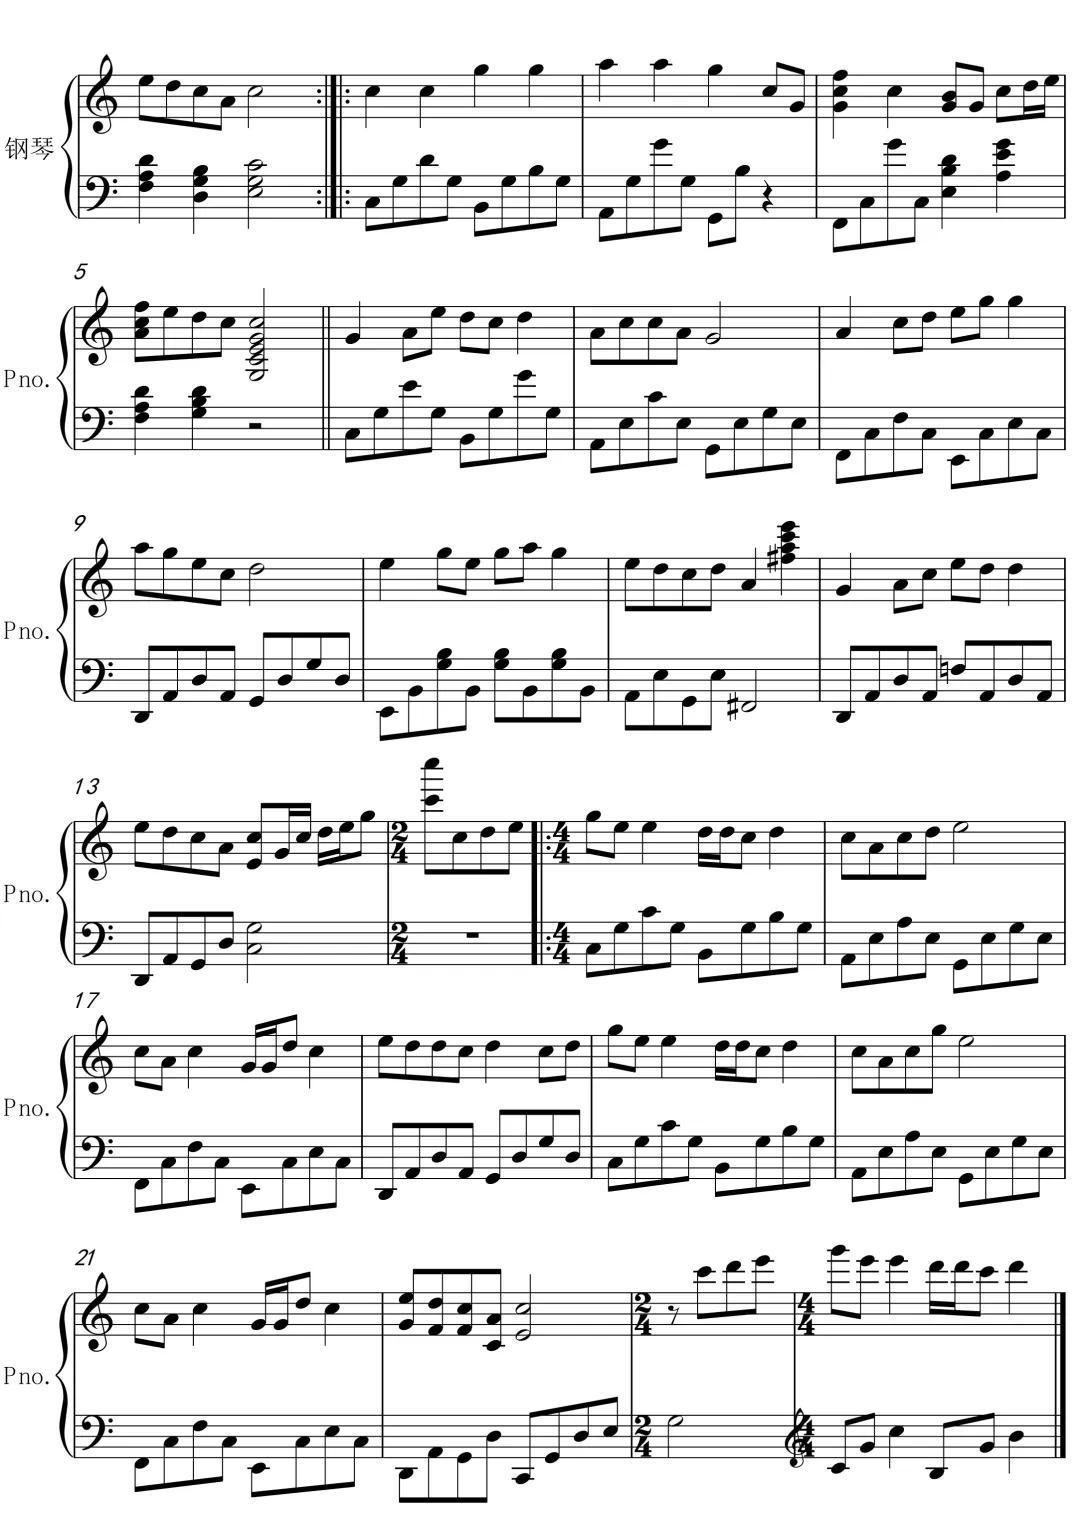 首席猫LUCA老师演奏钢琴版《听我说谢谢你》及乐谱分享